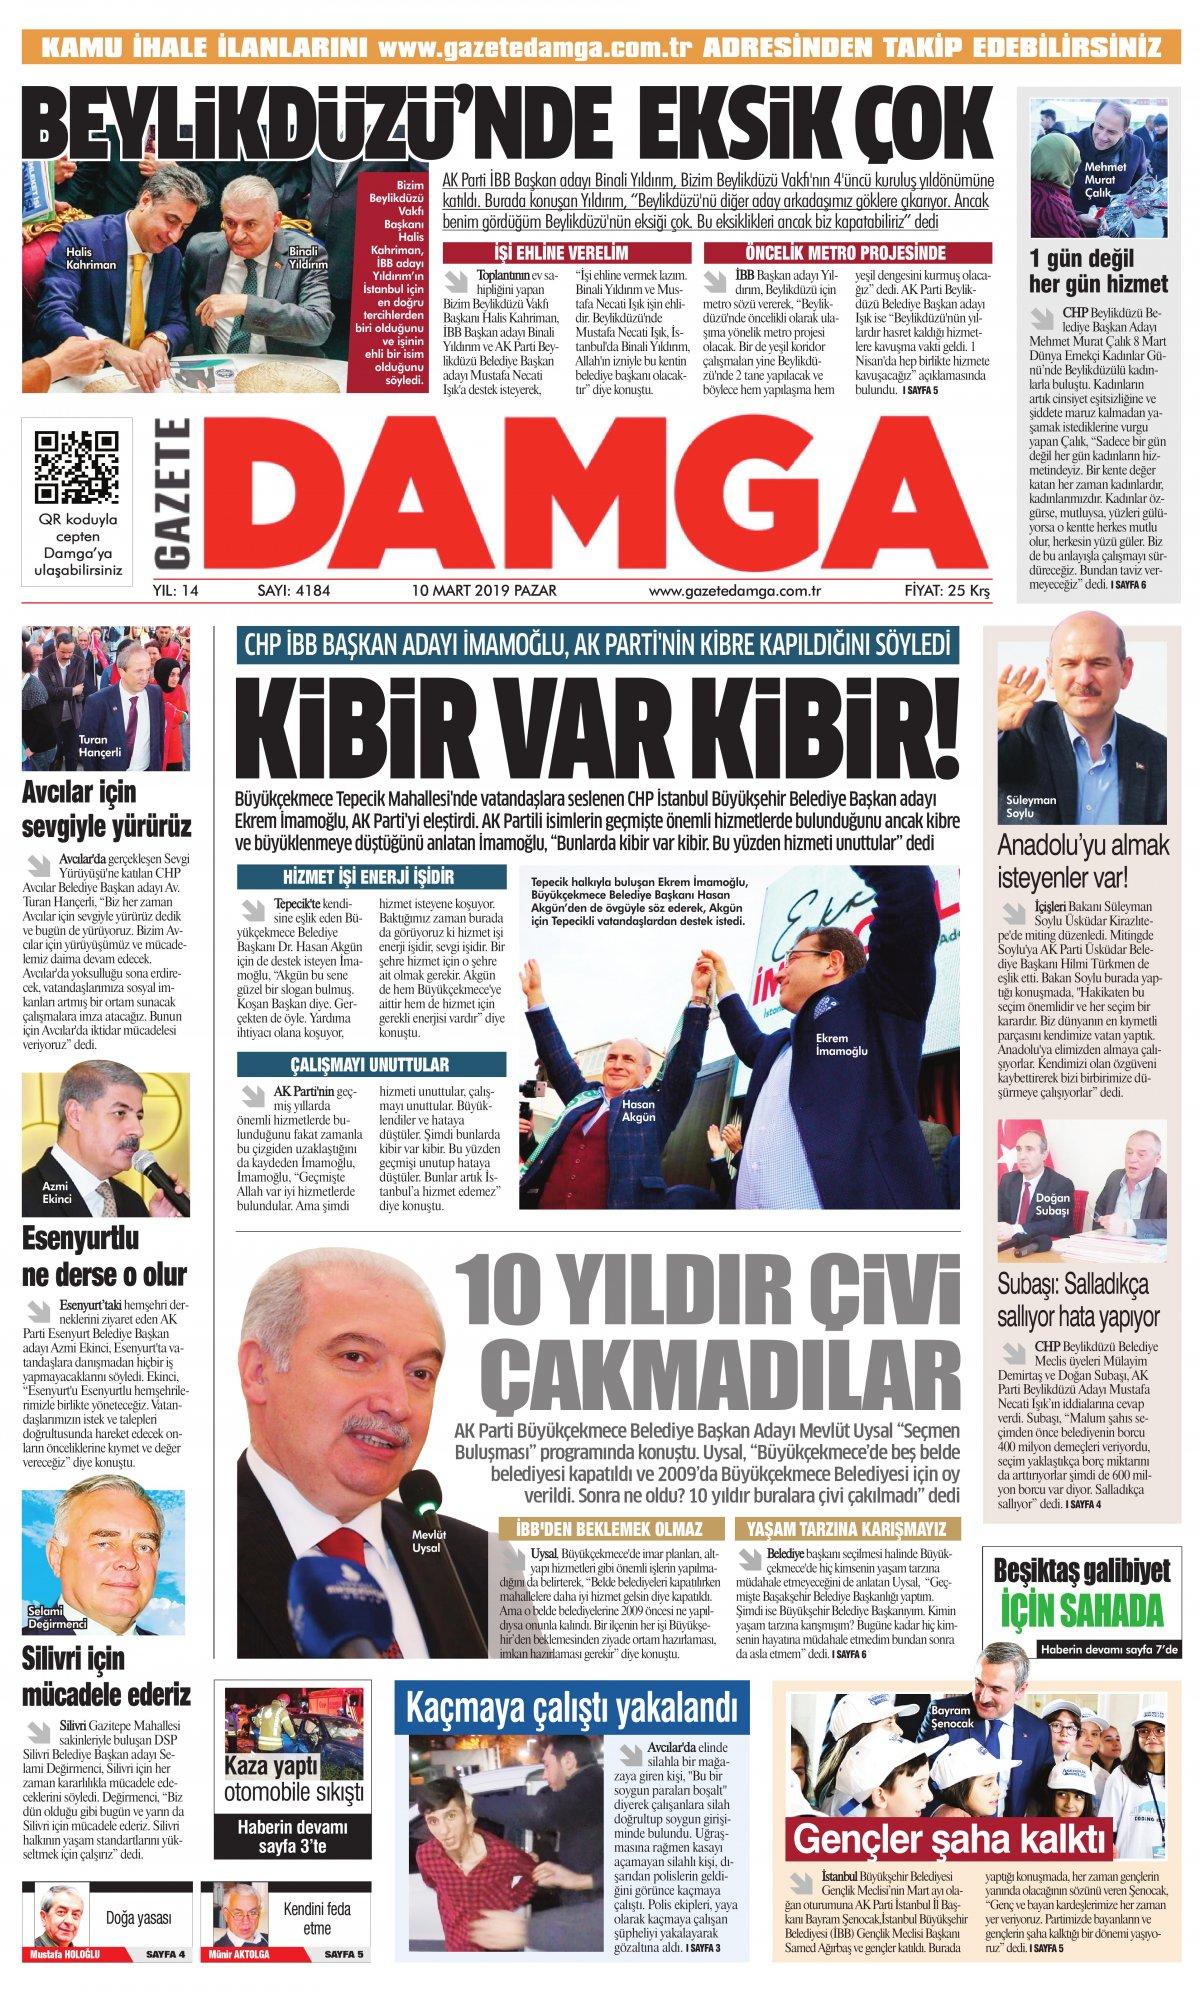 Gazete Damga - 10.03.2019 Sayfaları